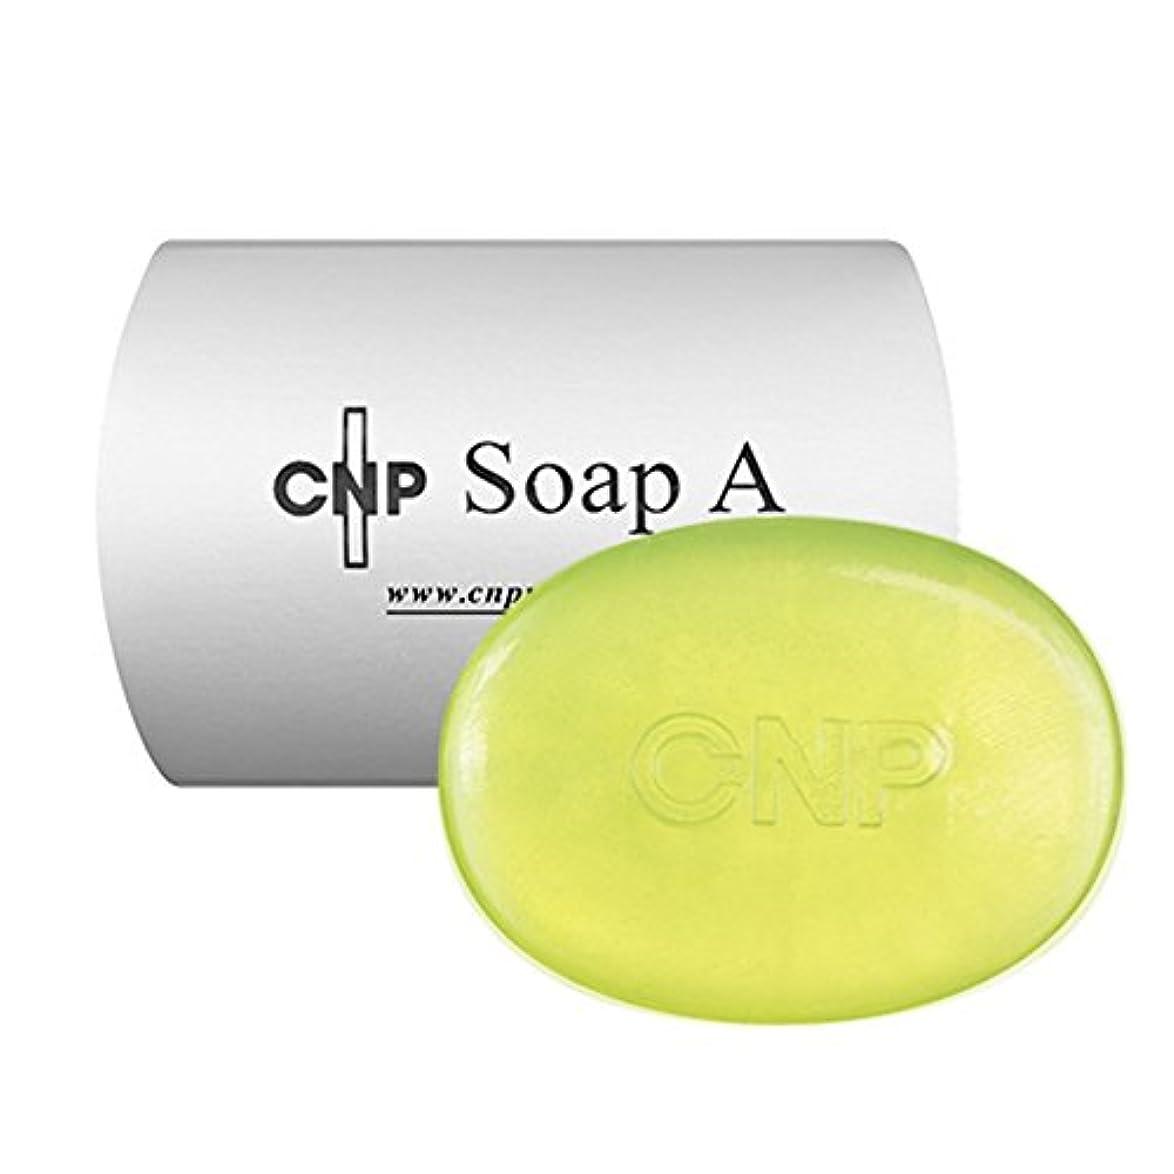 平手打ち統合ビルダーCNP Soap A チャアンドパク ソープ A [並行輸入品]